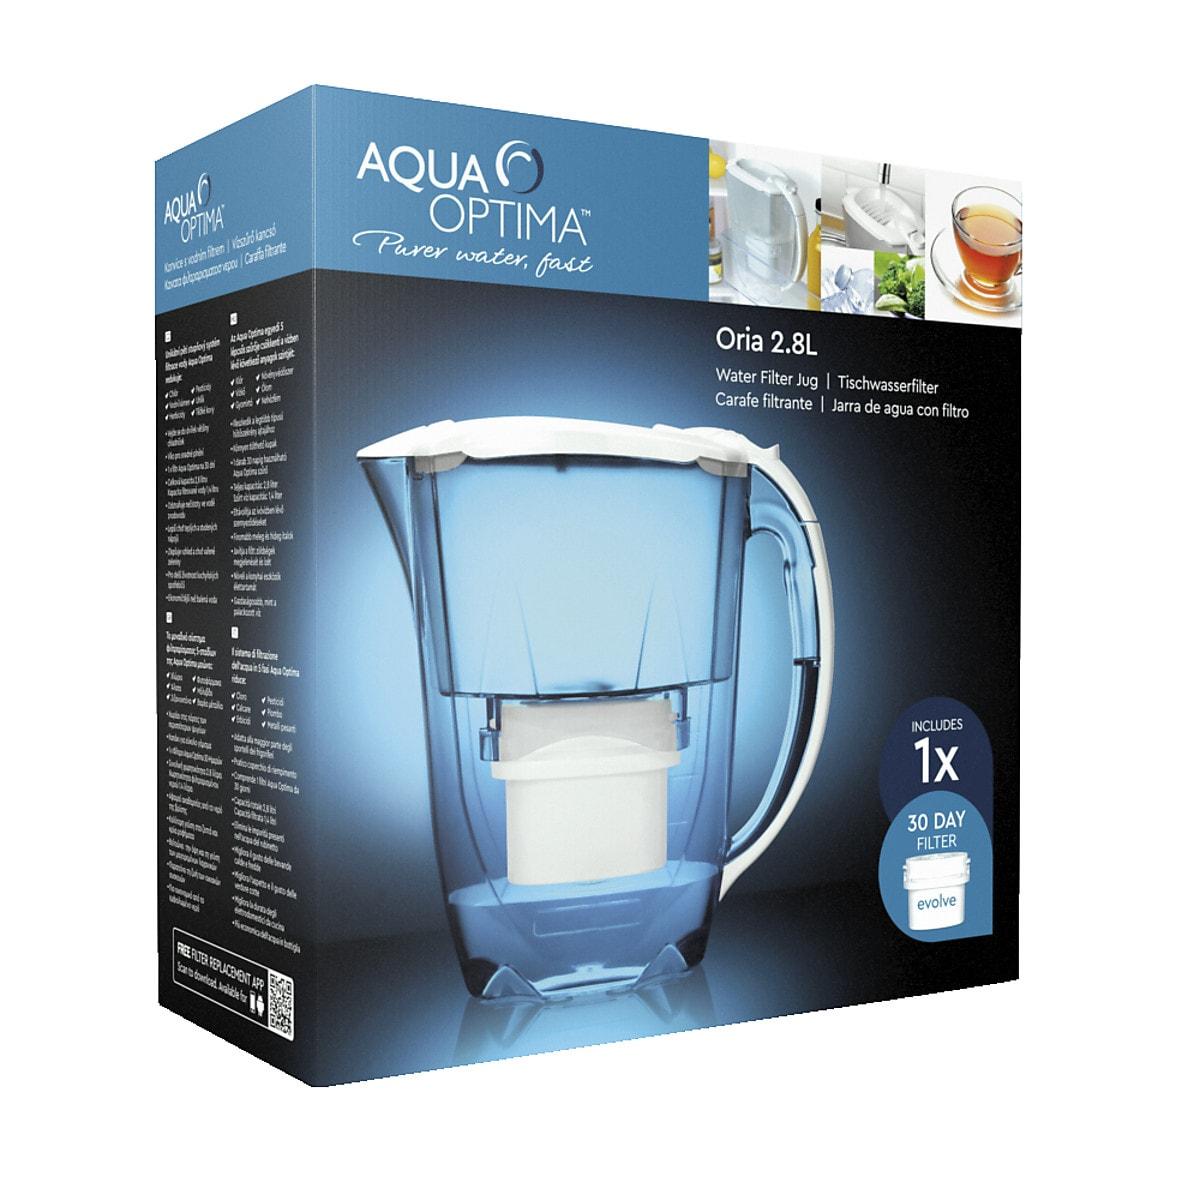 Aqua Optima Oria 2.8 L Water Filter Jug